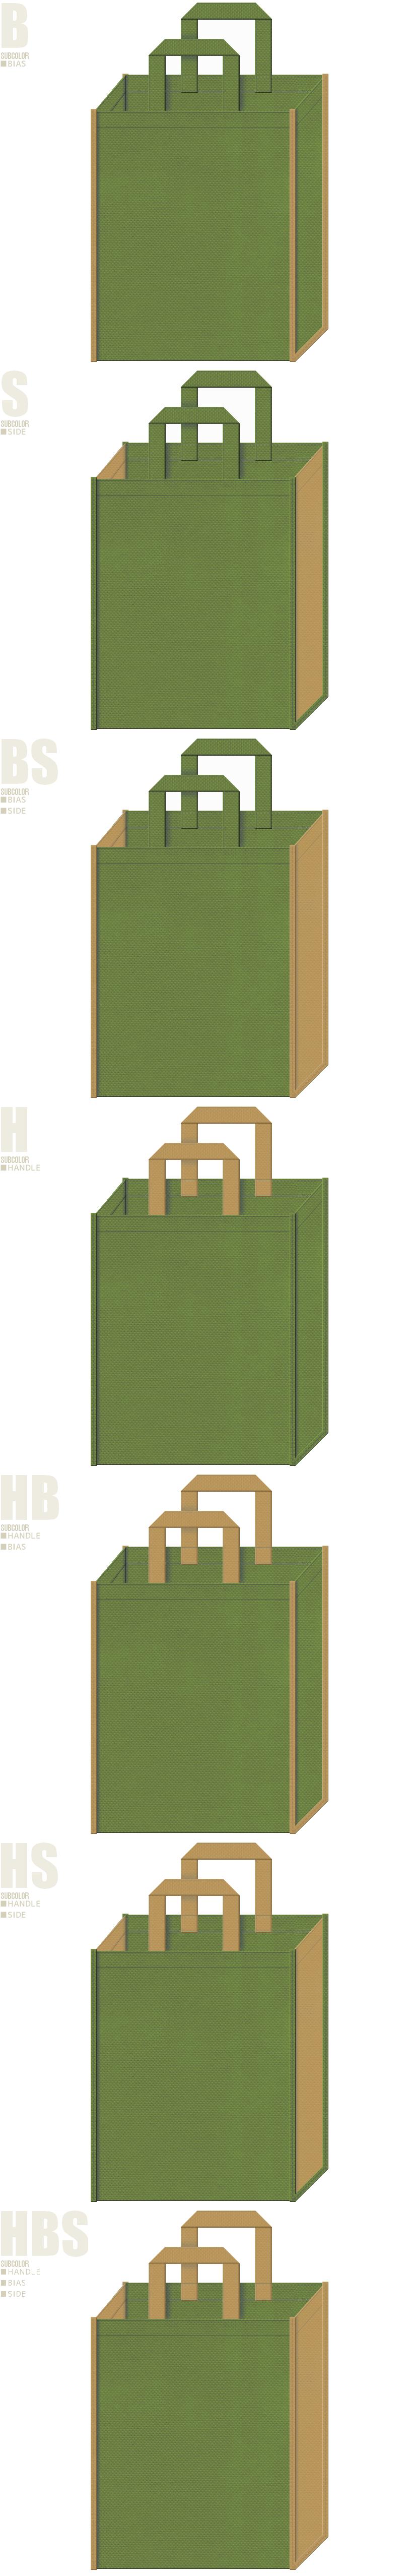 草色と金色系黄土色、7パターンの不織布トートバッグ配色デザイン例。温泉旅館・美術館・歴史書籍のバッグノベルティにお奨めです。江戸・宿場町のイメージ。